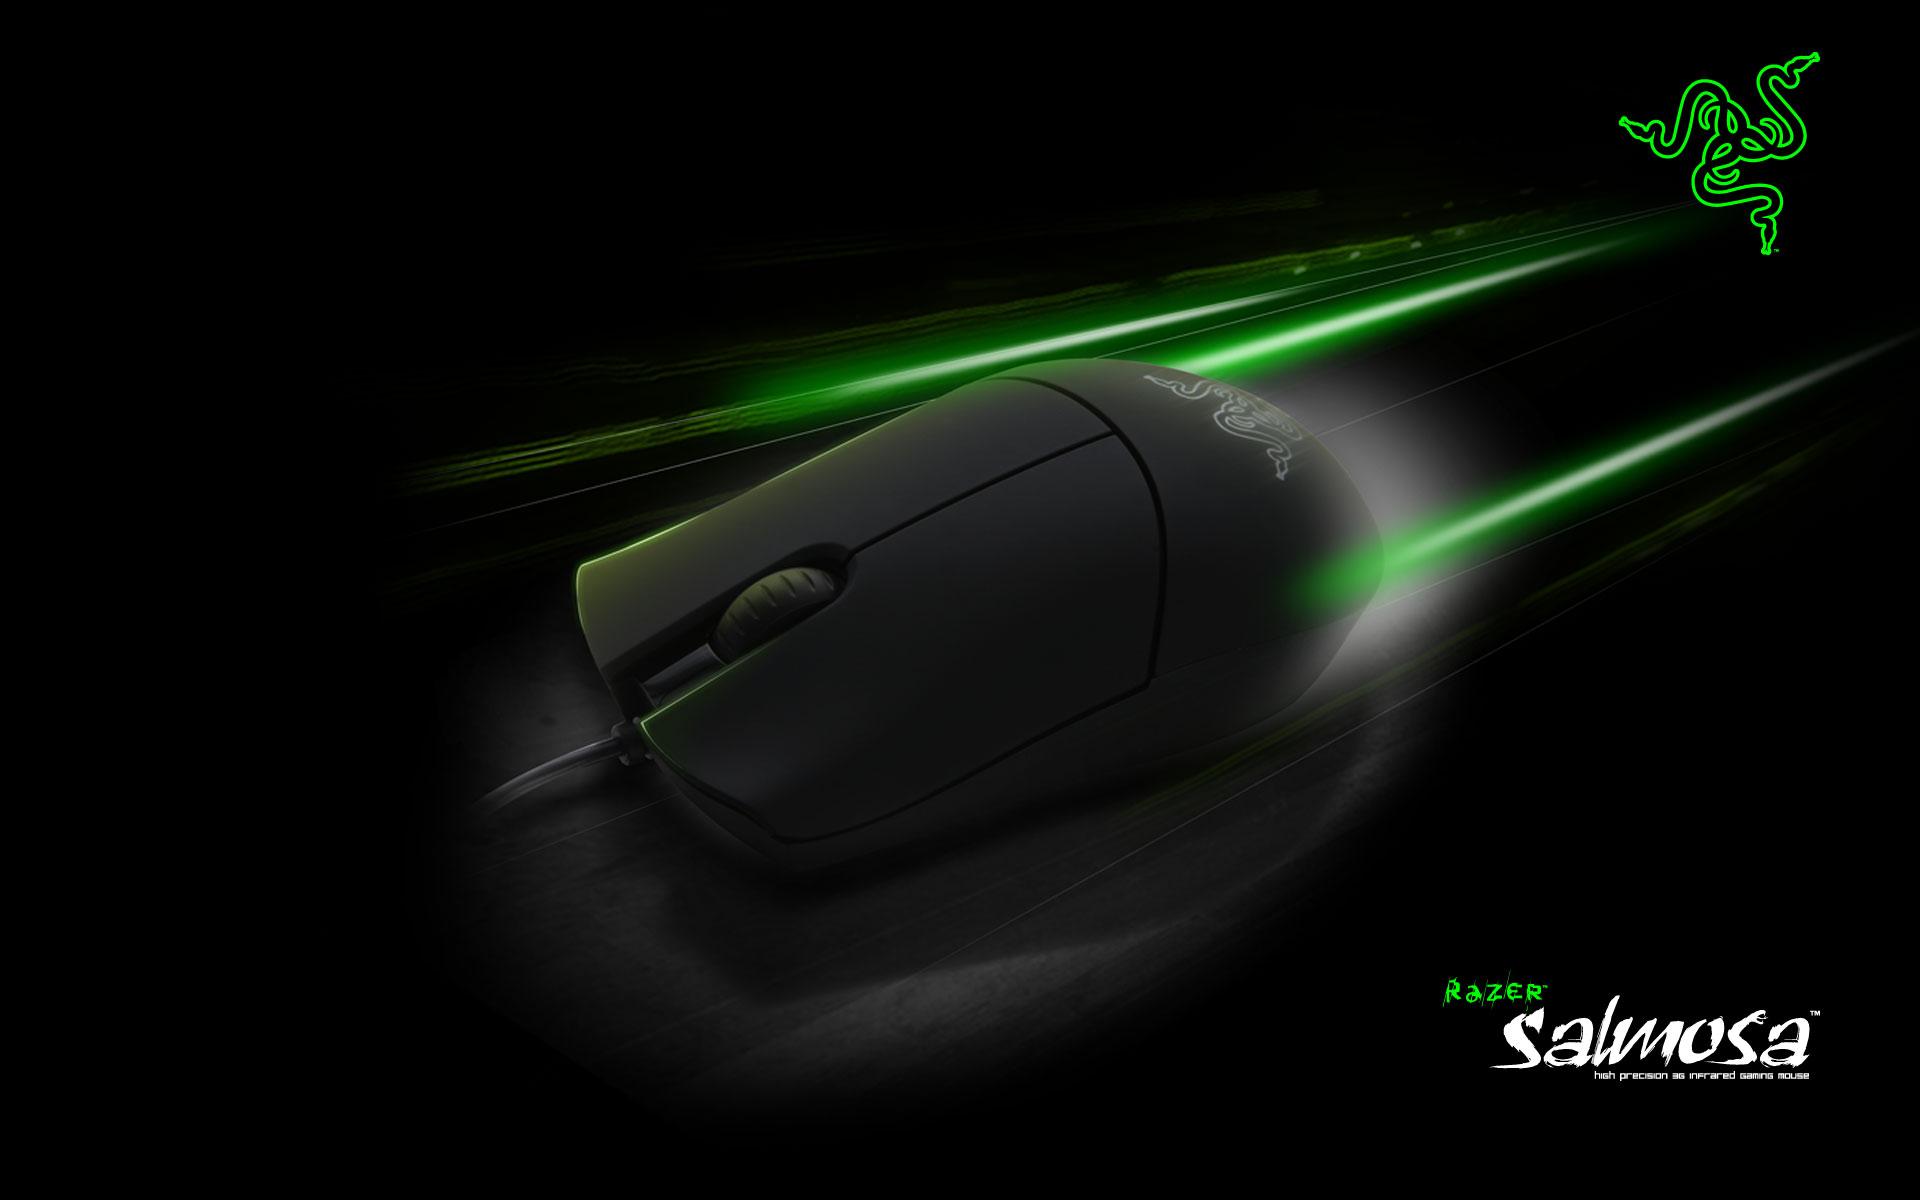 Razer Salmosa Gaming Mouse 1920x1200